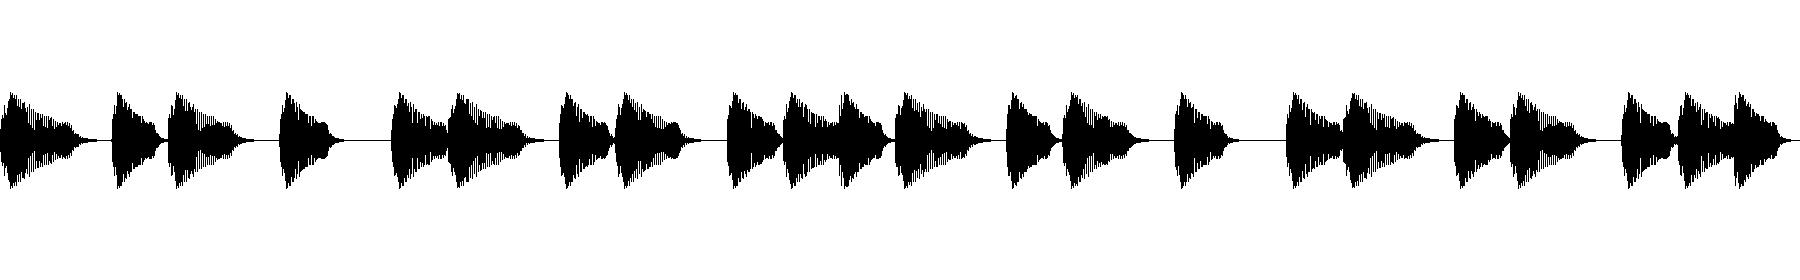 dancehall womp melody